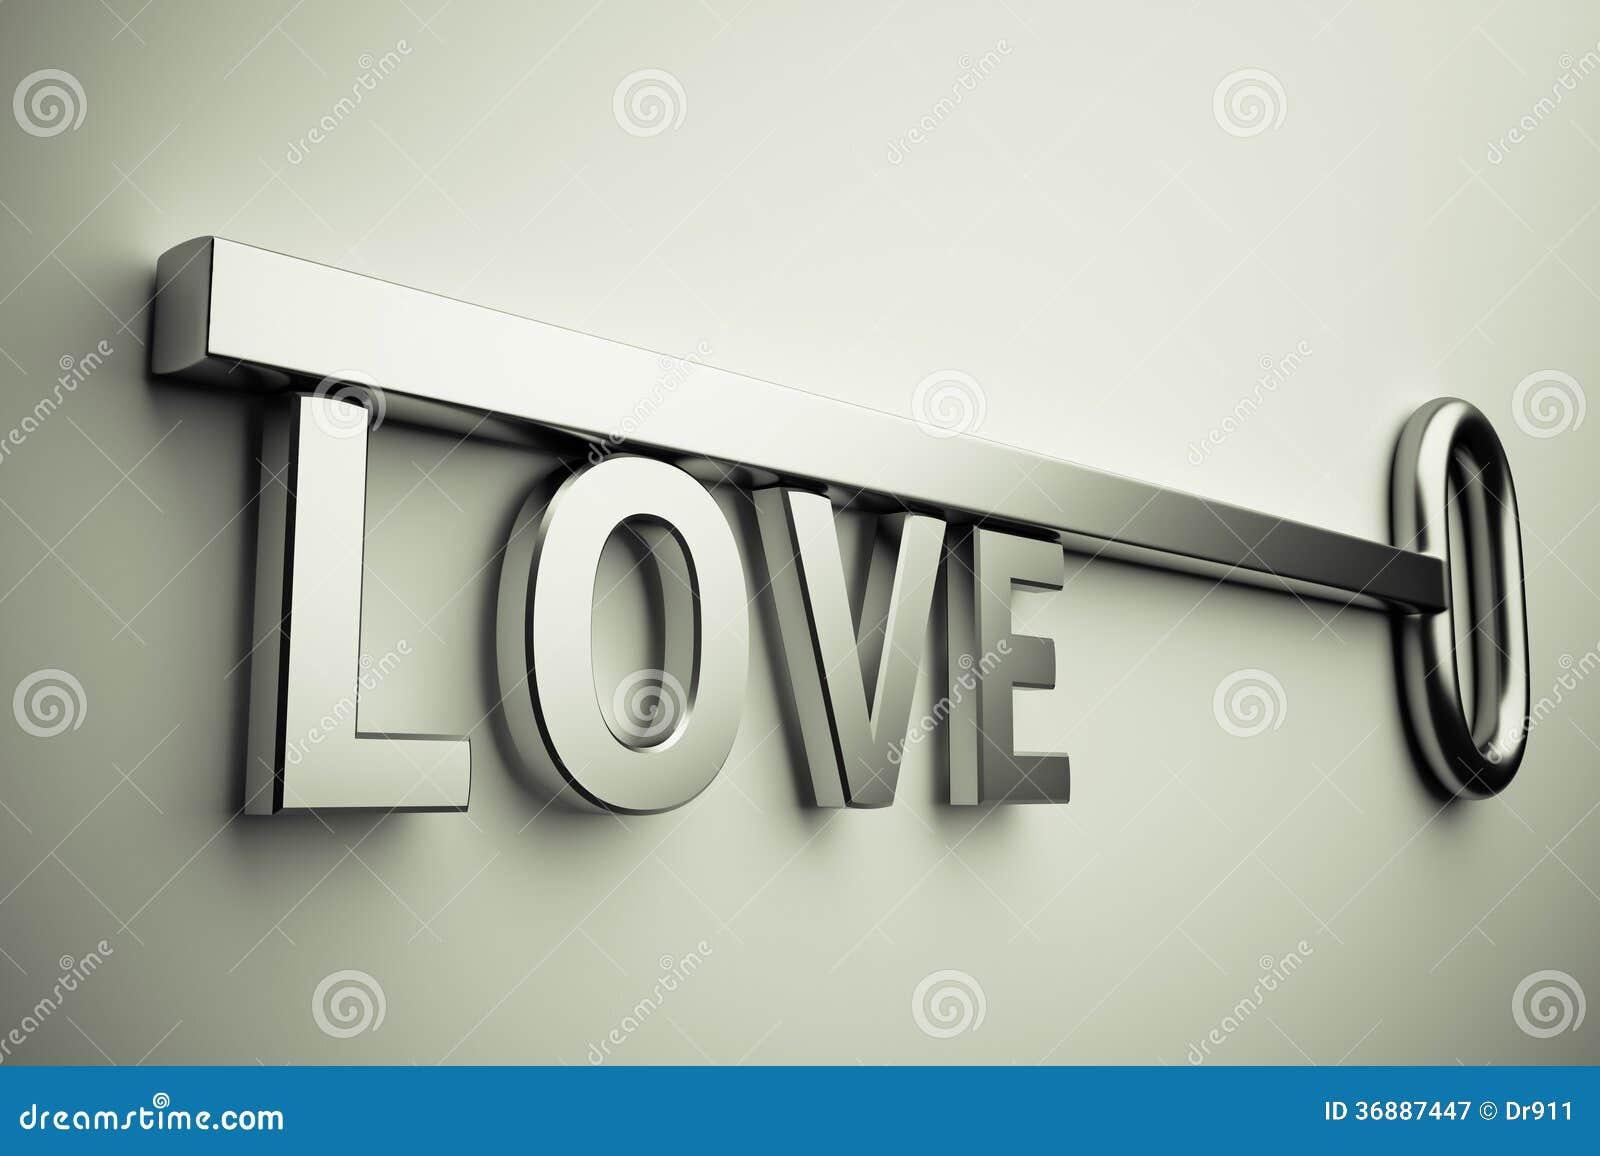 Download Chiave con amore immagine stock. Immagine di isolato - 36887447